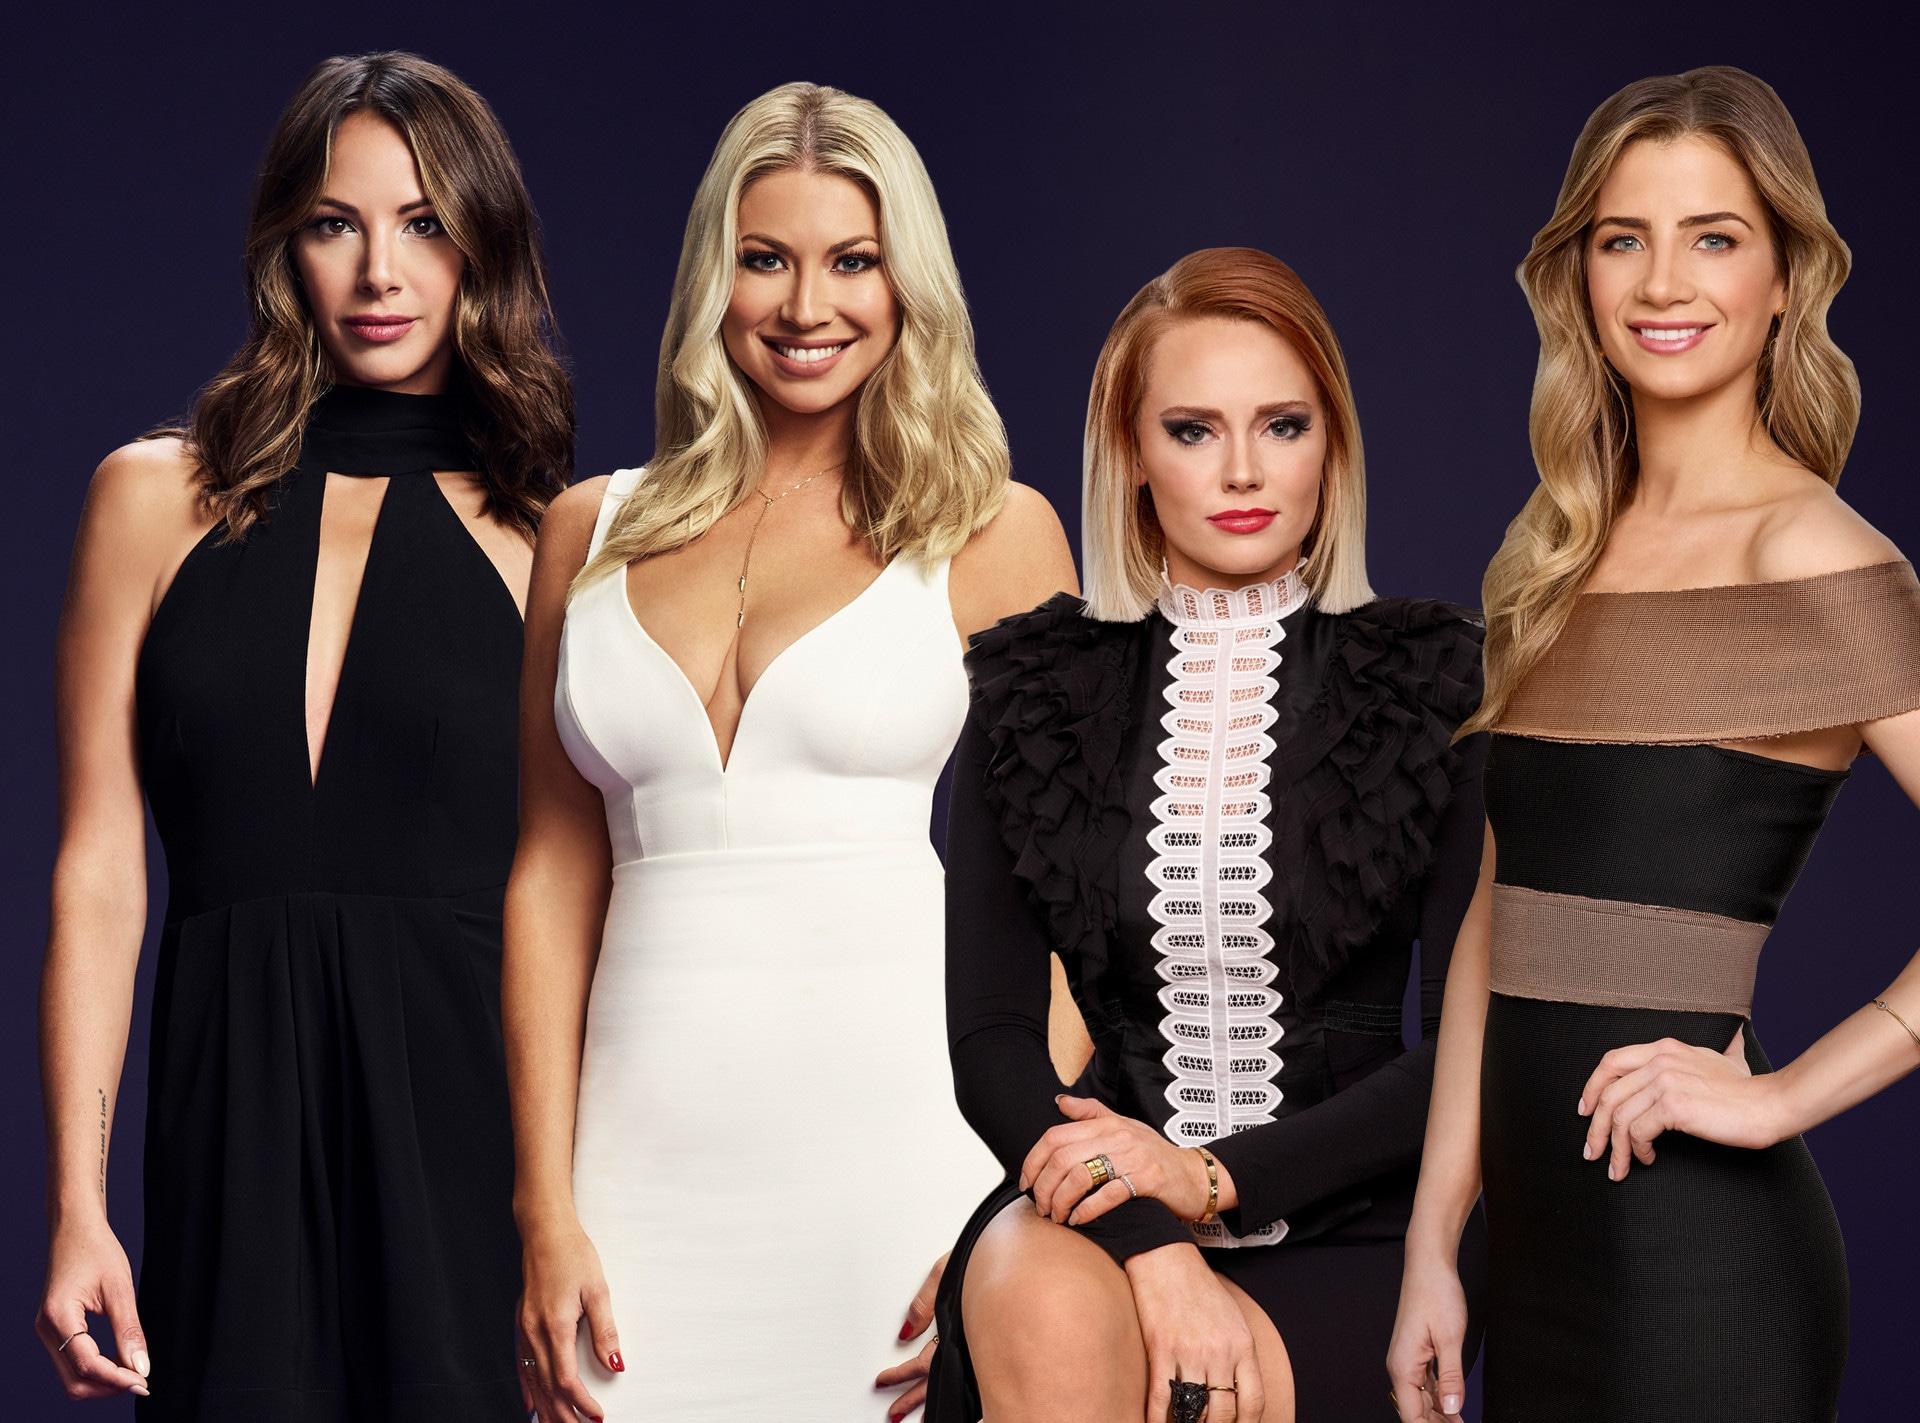 Vanderpump Rules, Southern Charm, Kristen Doute, Stassi Schroeder, Naomie Olindo, Kathryn Dennis